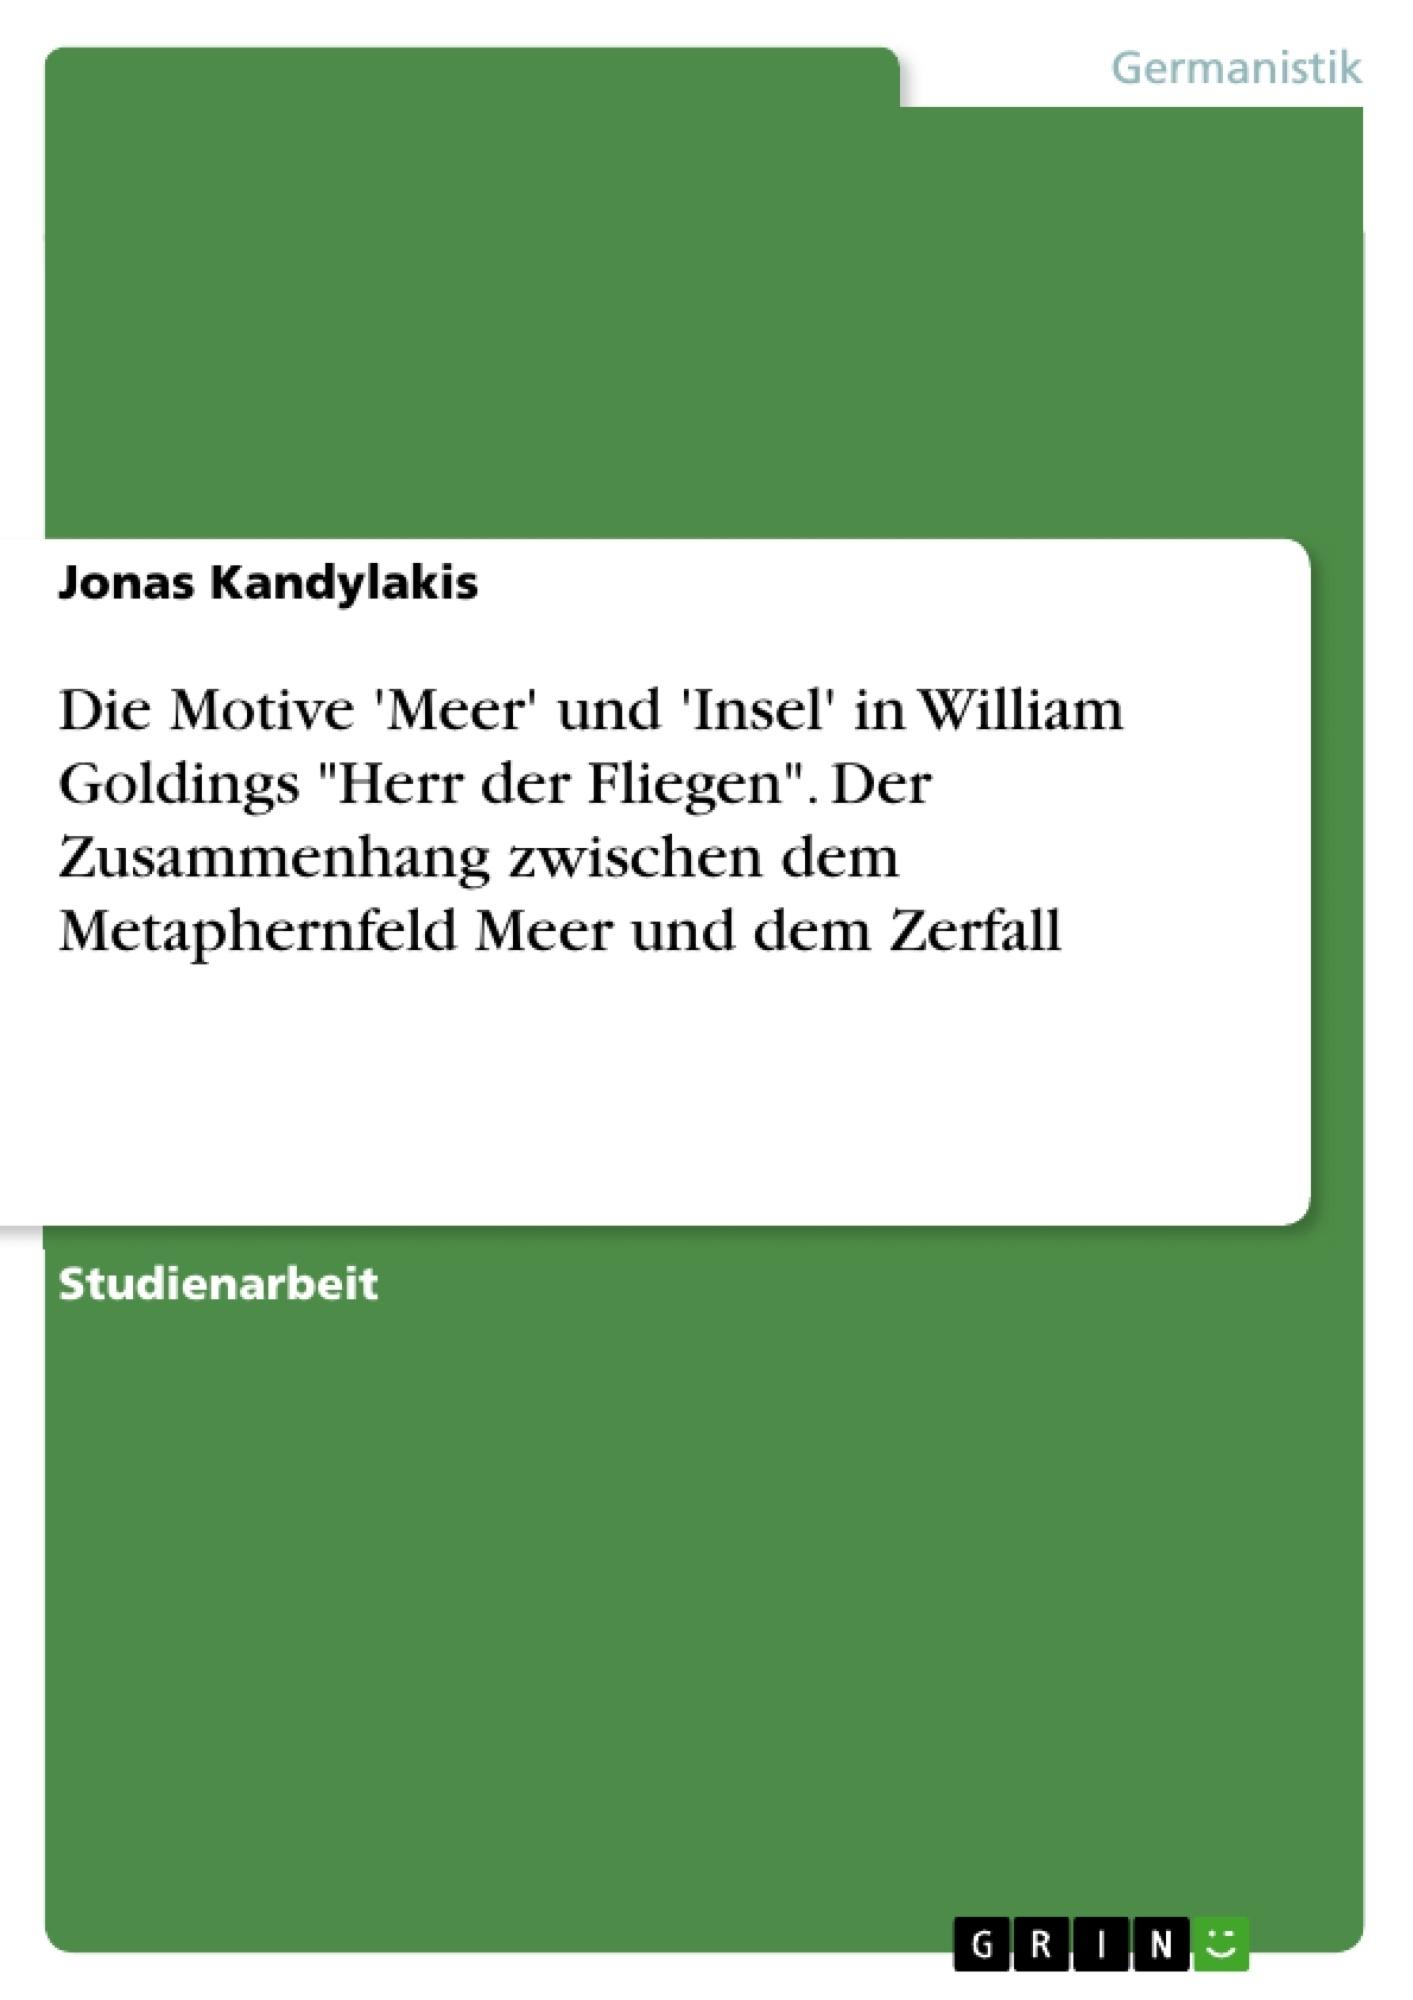 """Titel: Die Motive 'Meer' und 'Insel' in William Goldings """"Herr der Fliegen"""". Der Zusammenhang zwischen dem Metaphernfeld Meer und dem Zerfall"""